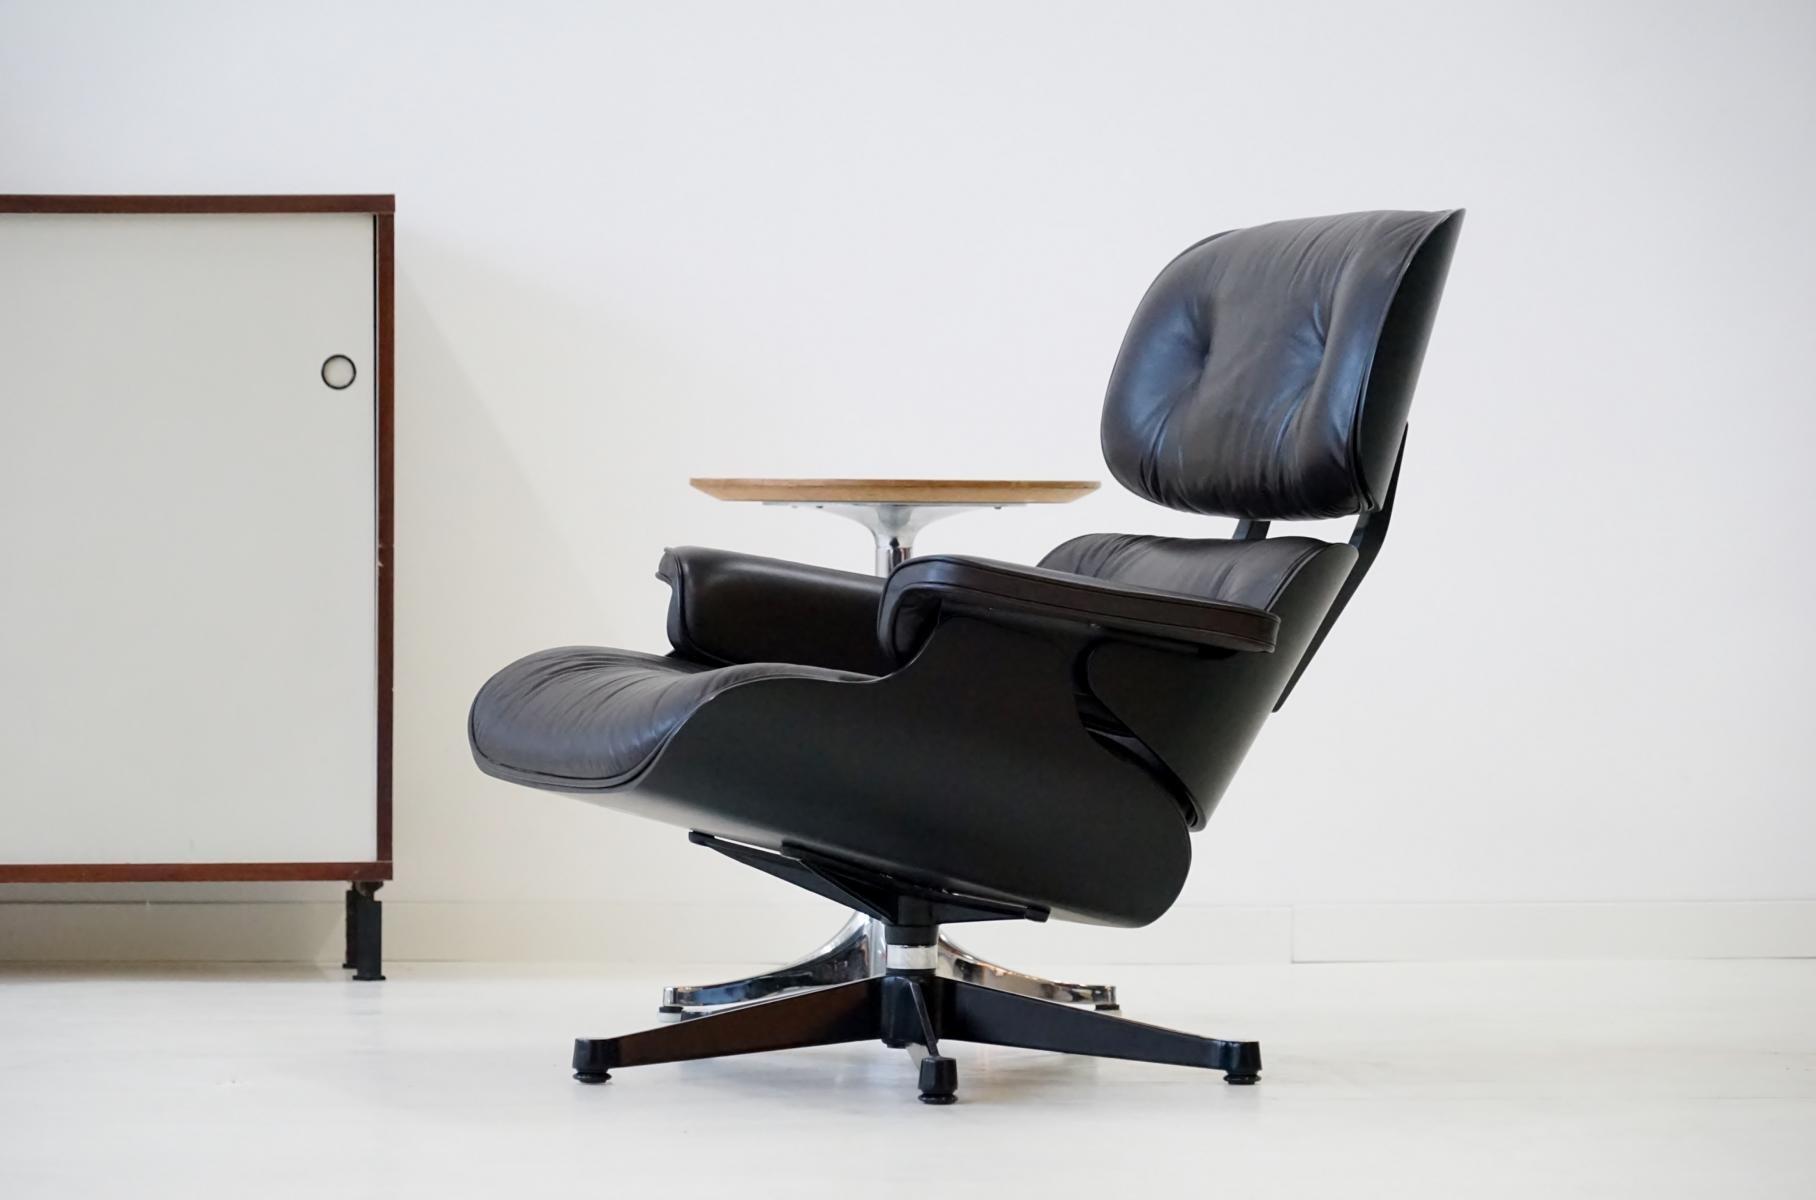 Vitra Chalres Eames : Sessel von charles ray eames für vitra er bei pamono kaufen